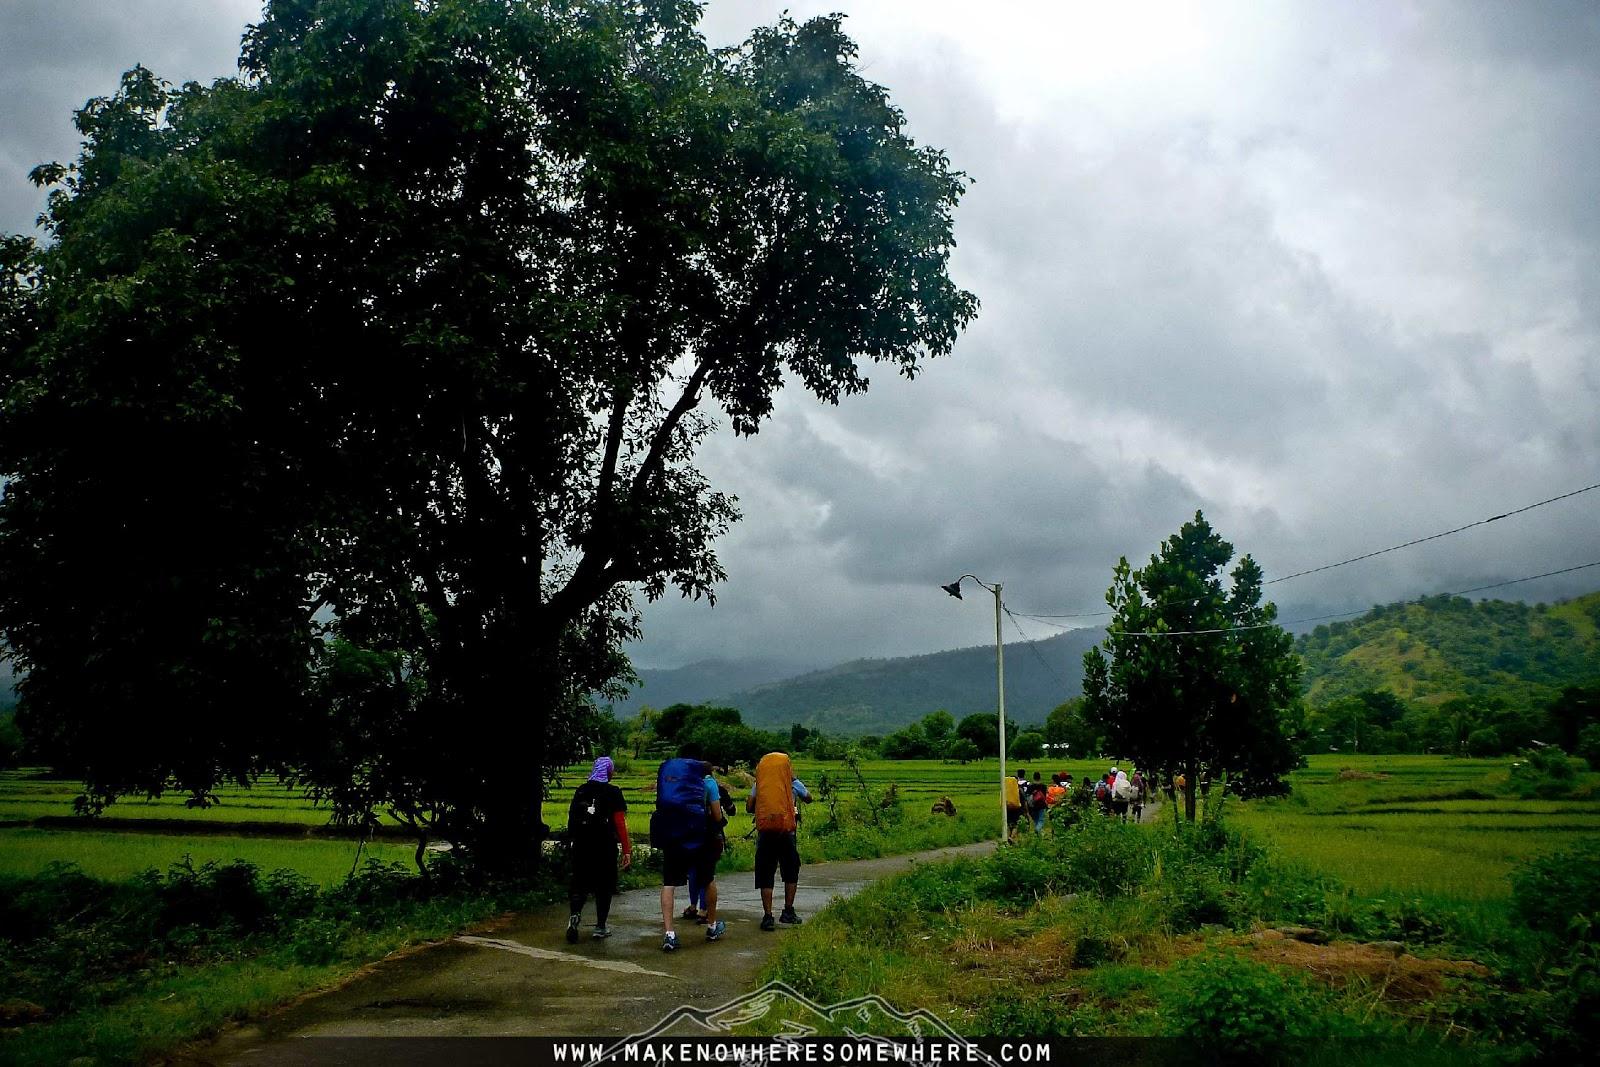 Make Nowhere Somewhere Mt Mangatarem Mangatarem